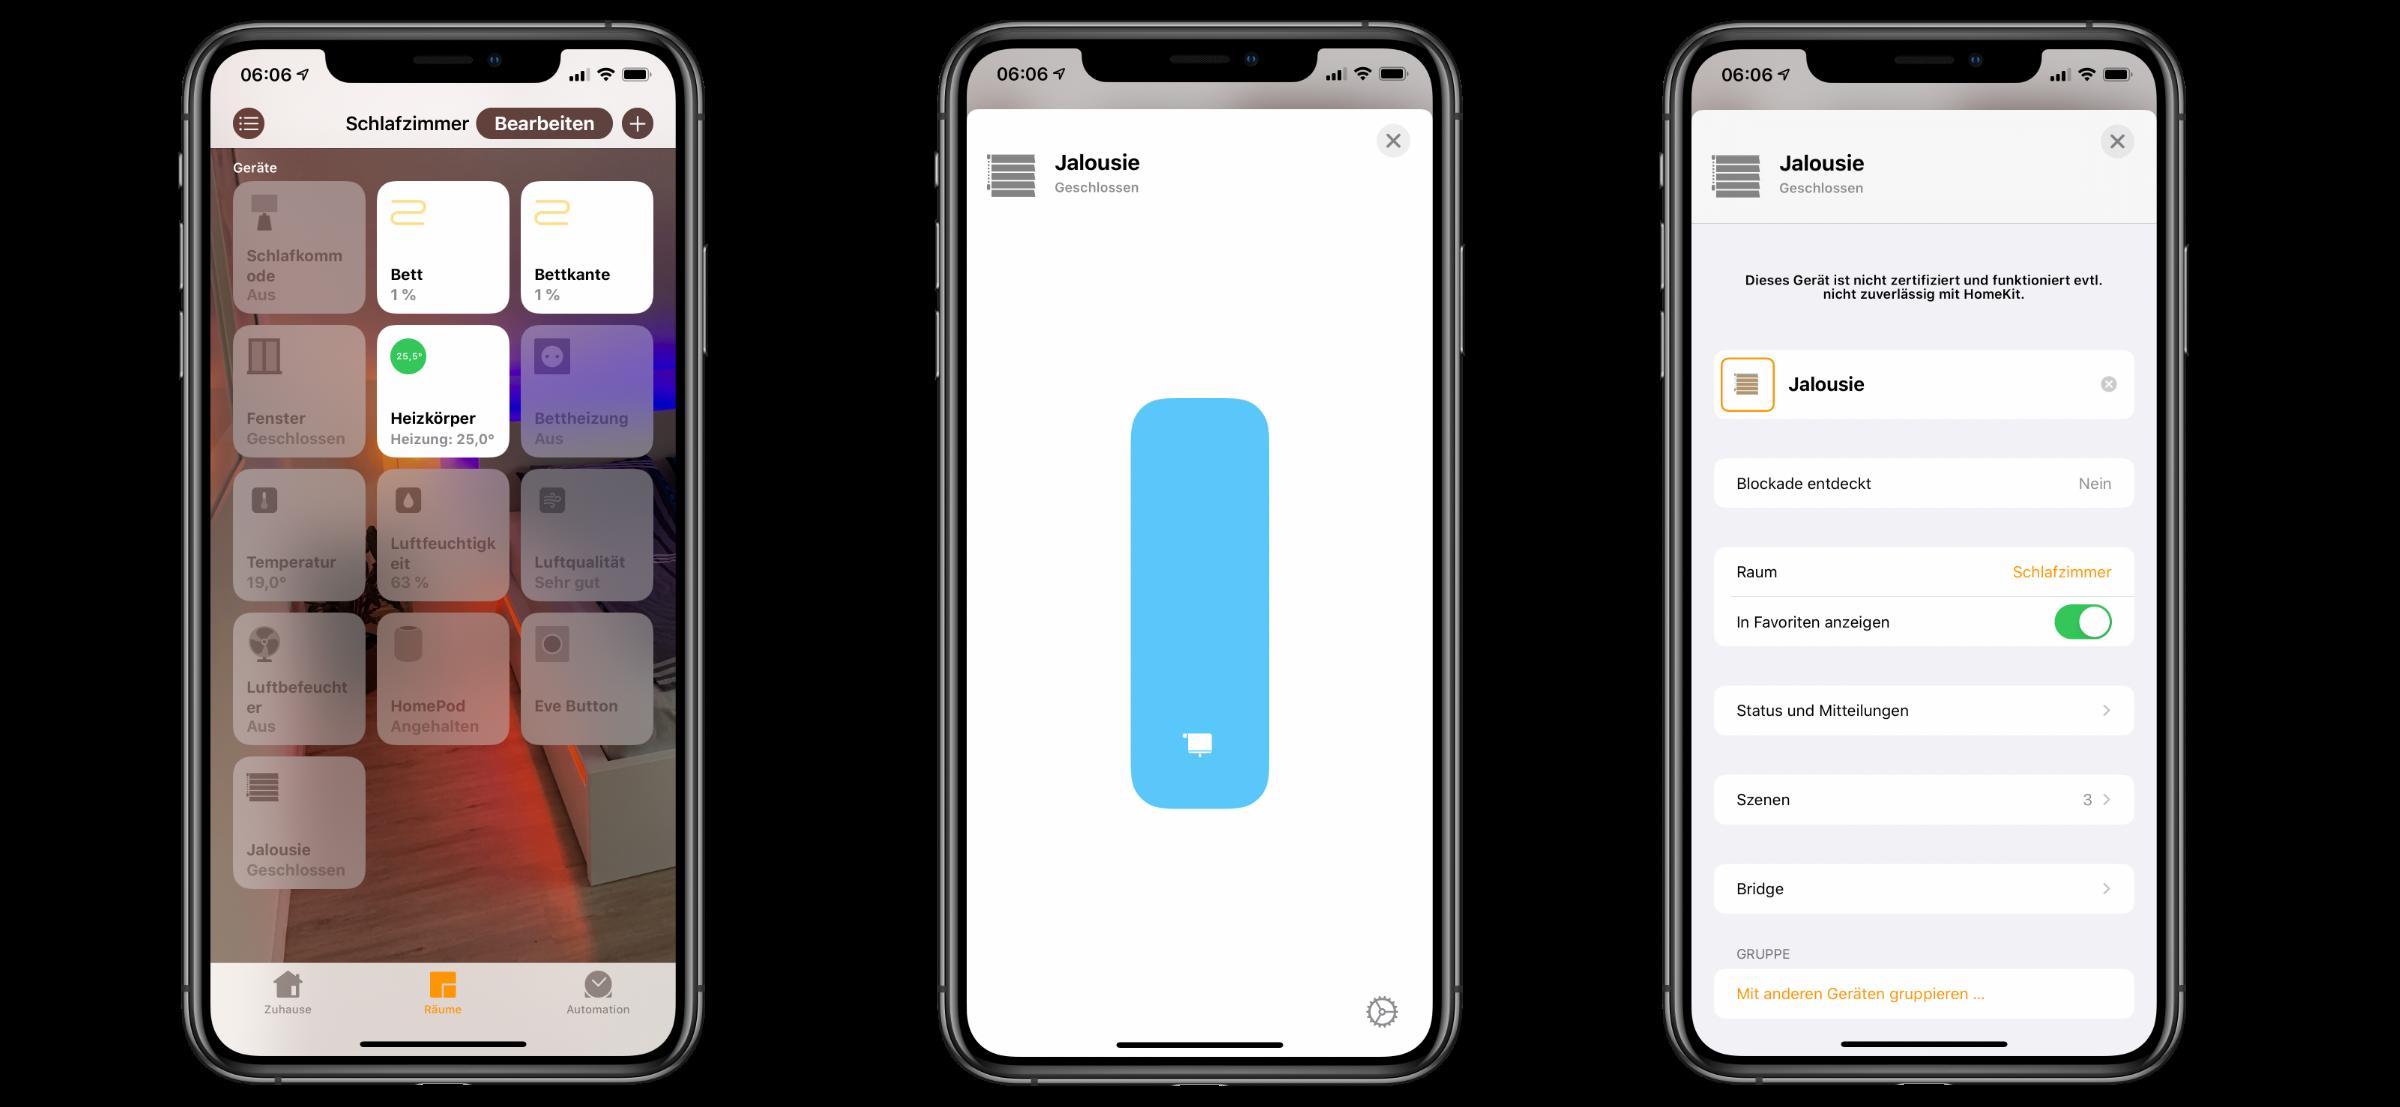 Rademacher_HomePilot_Jalousien_Rollläden_Rollladen_Apple_HomeKit_Homebridge4 Anleitung: Rollläden mit elektrischem Gurtwickler in Apple HomeKit nutzen